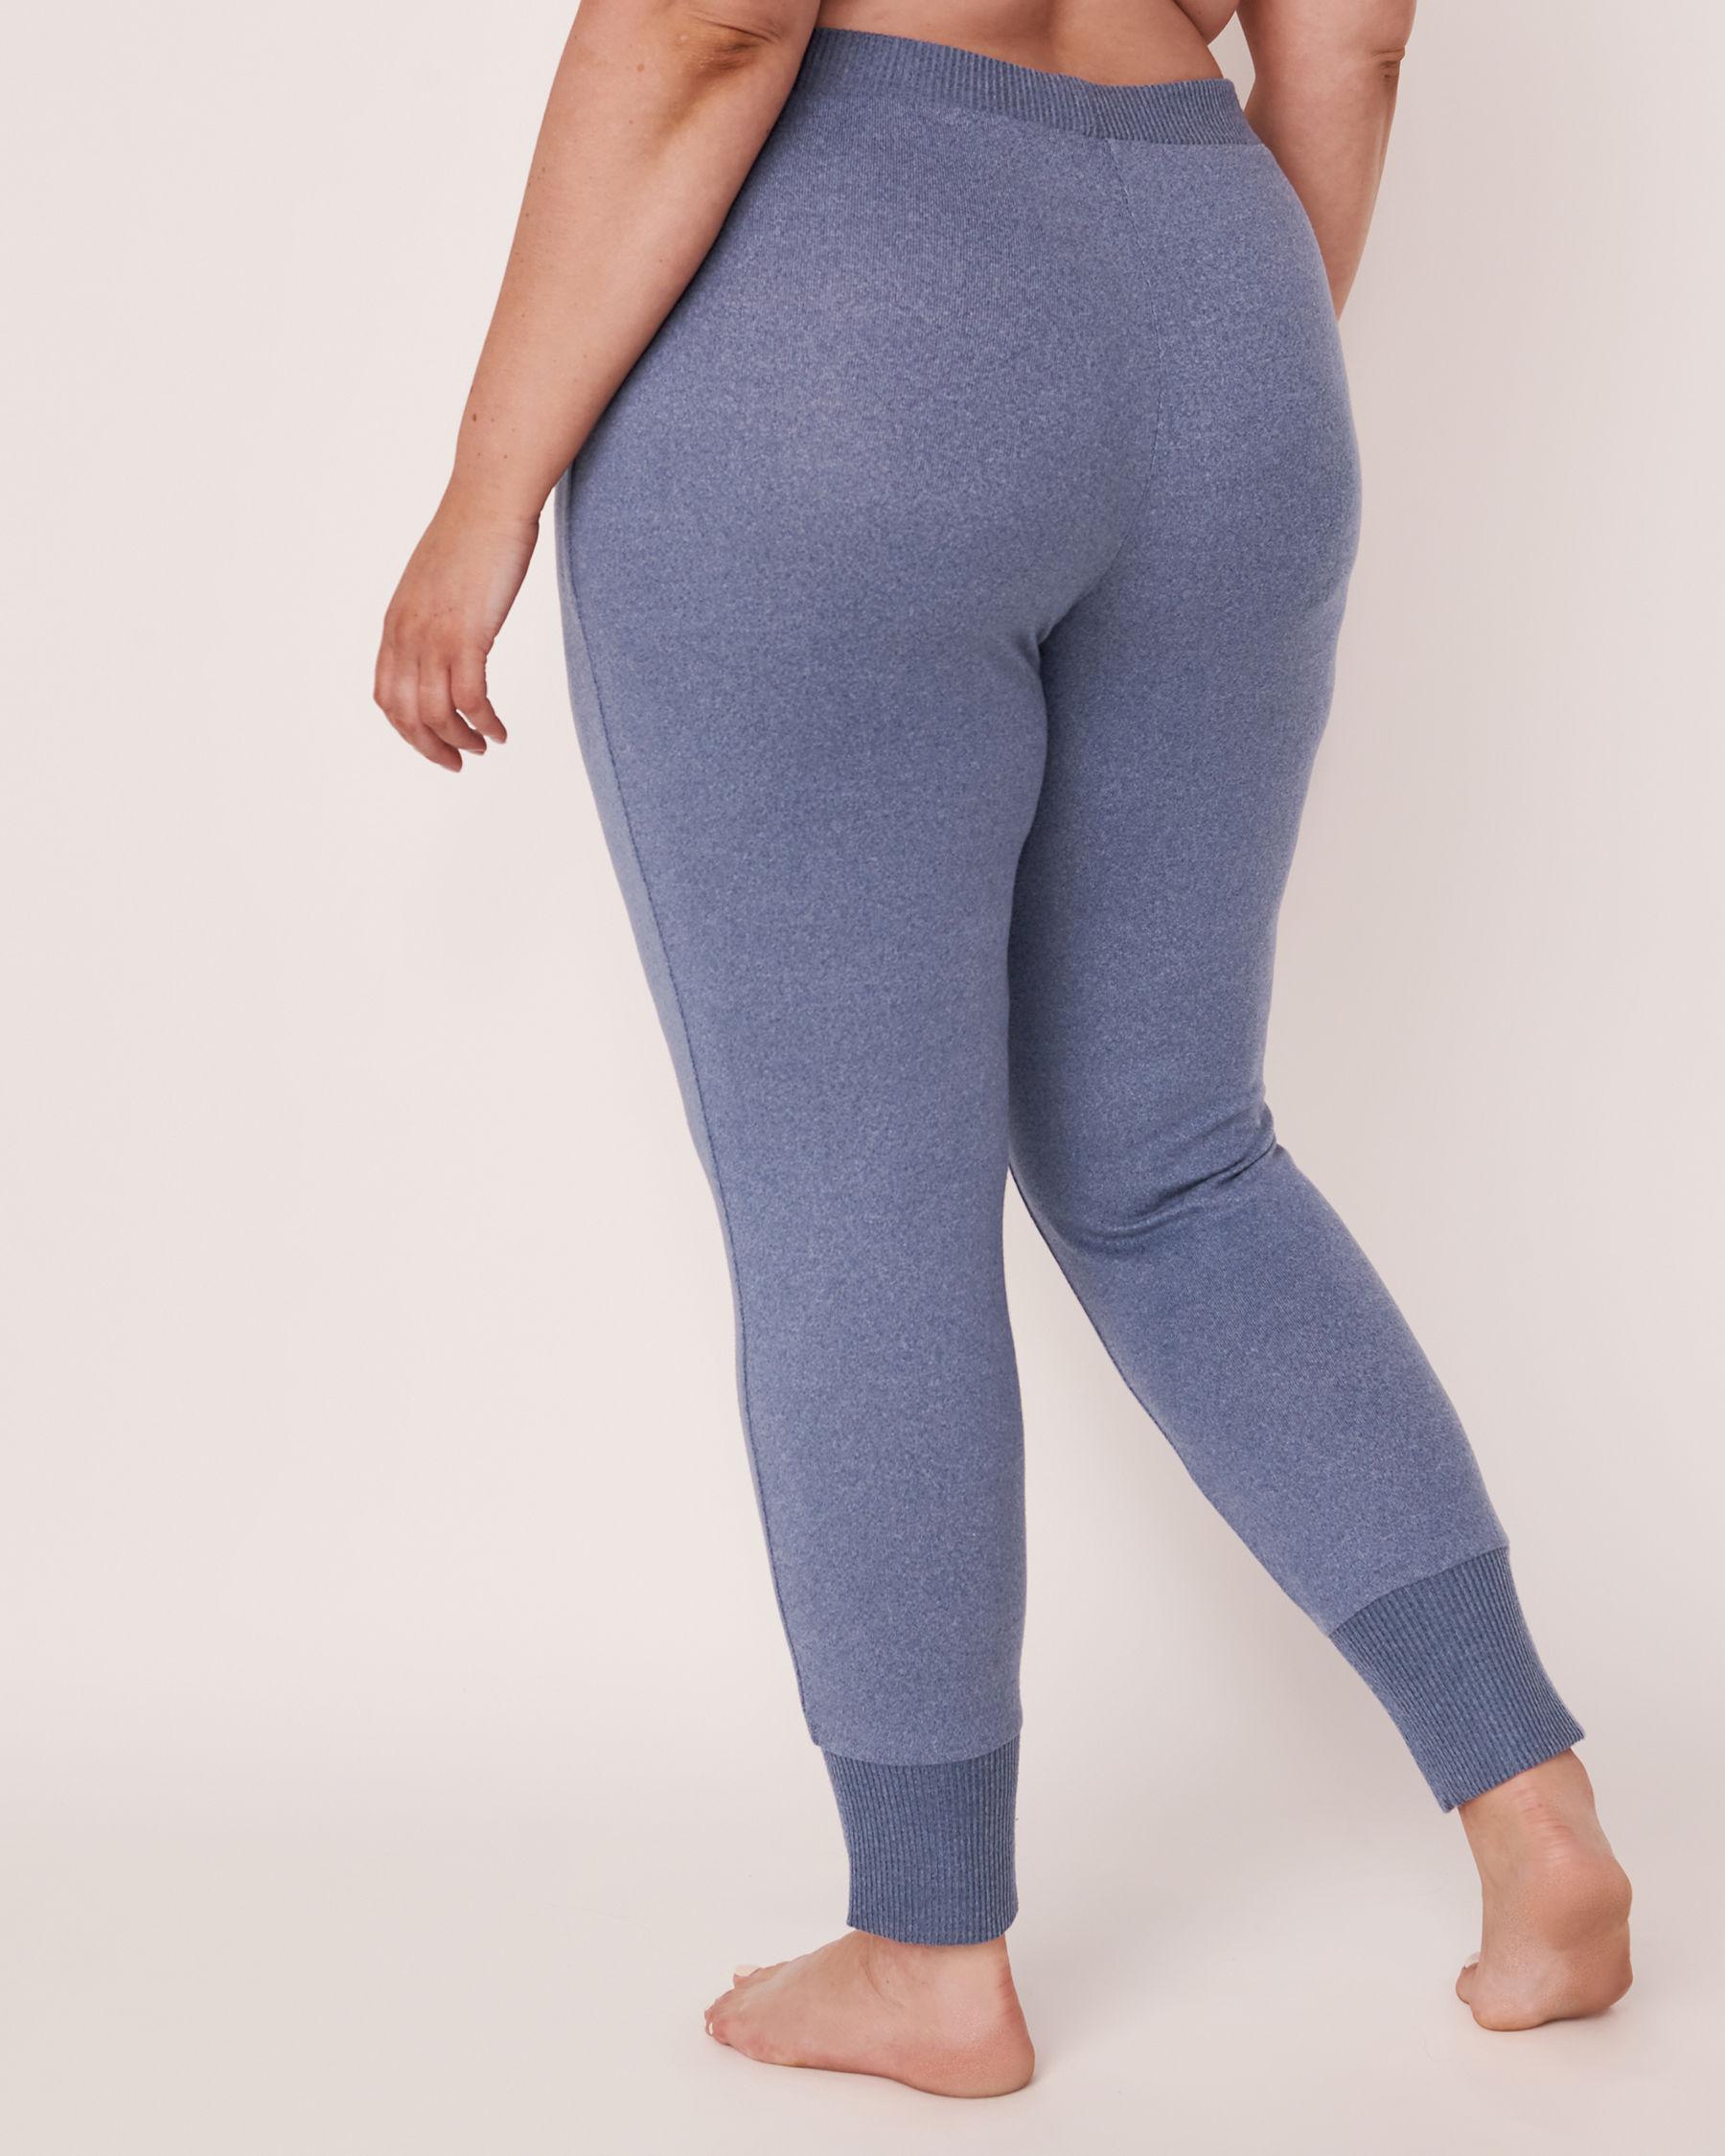 LA VIE EN ROSE Soft Knit Fitted Pant Blue denim mix 50200008 - View4